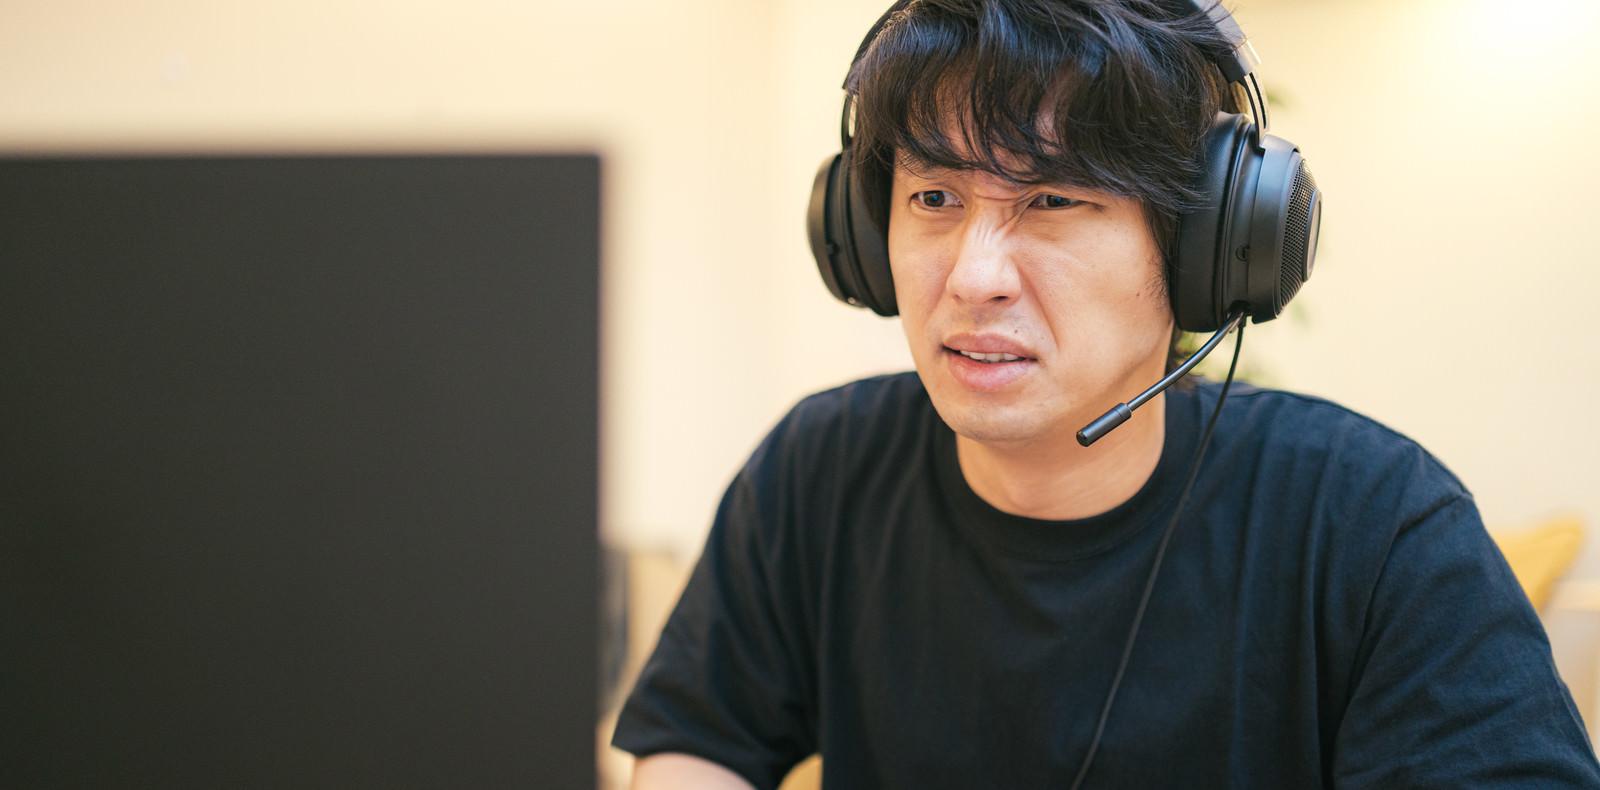 「オブジェクトを無視する仲間が多くて思うようにプレイができずイライラする男性」の写真[モデル:大川竜弥]